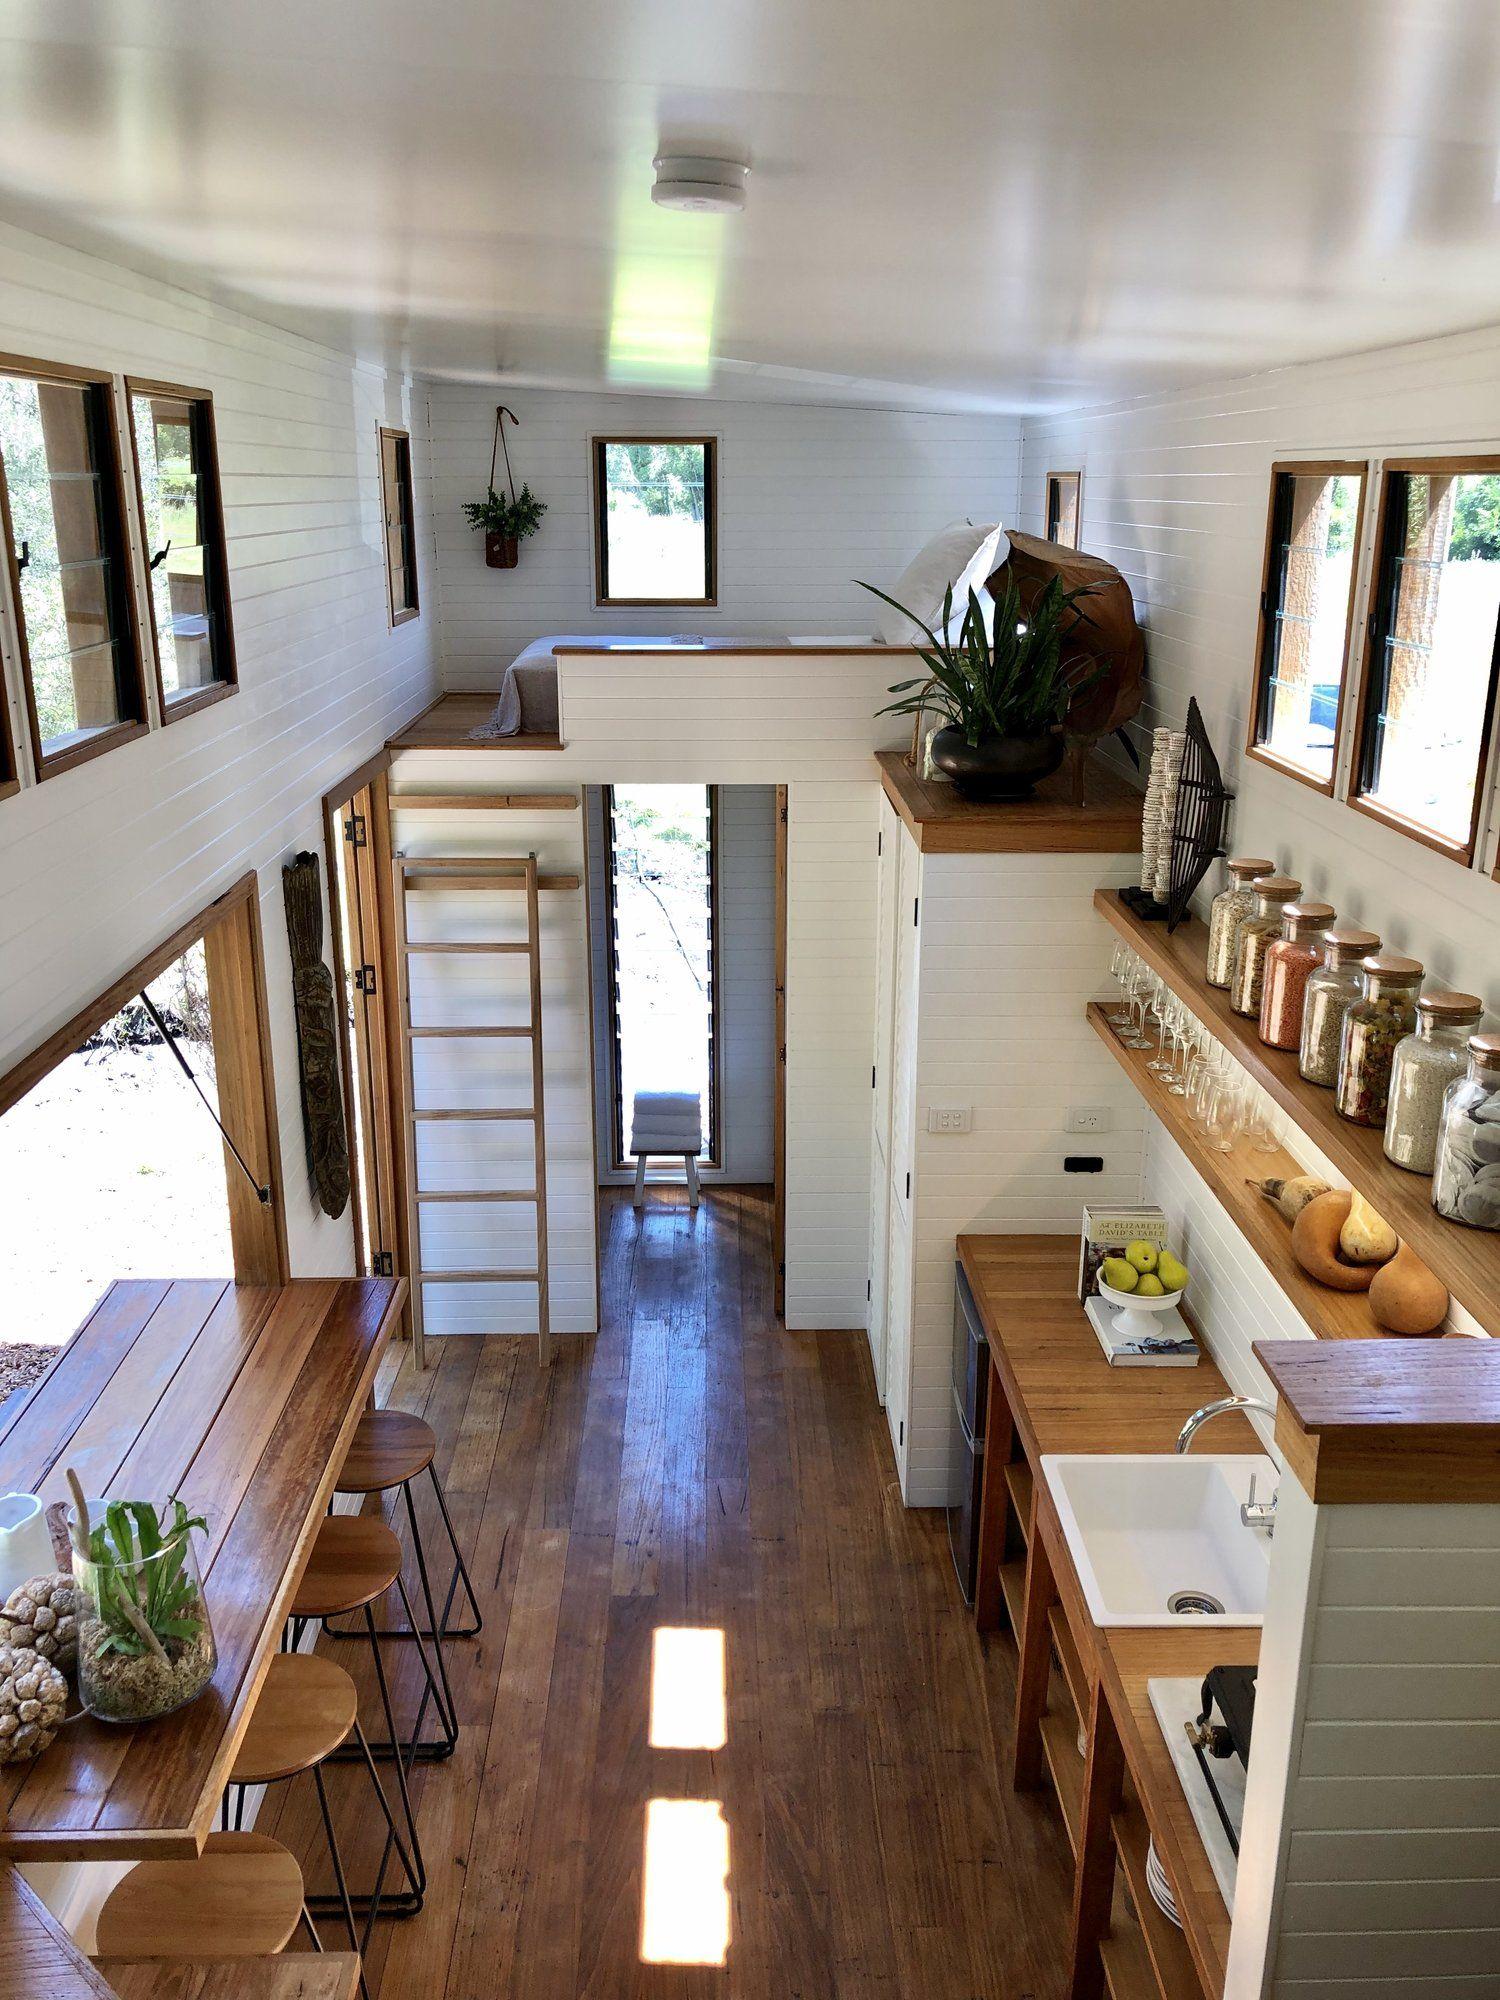 Dans cette tiny house c'est le salon qui est en haut - PLANETE DECO a homes world